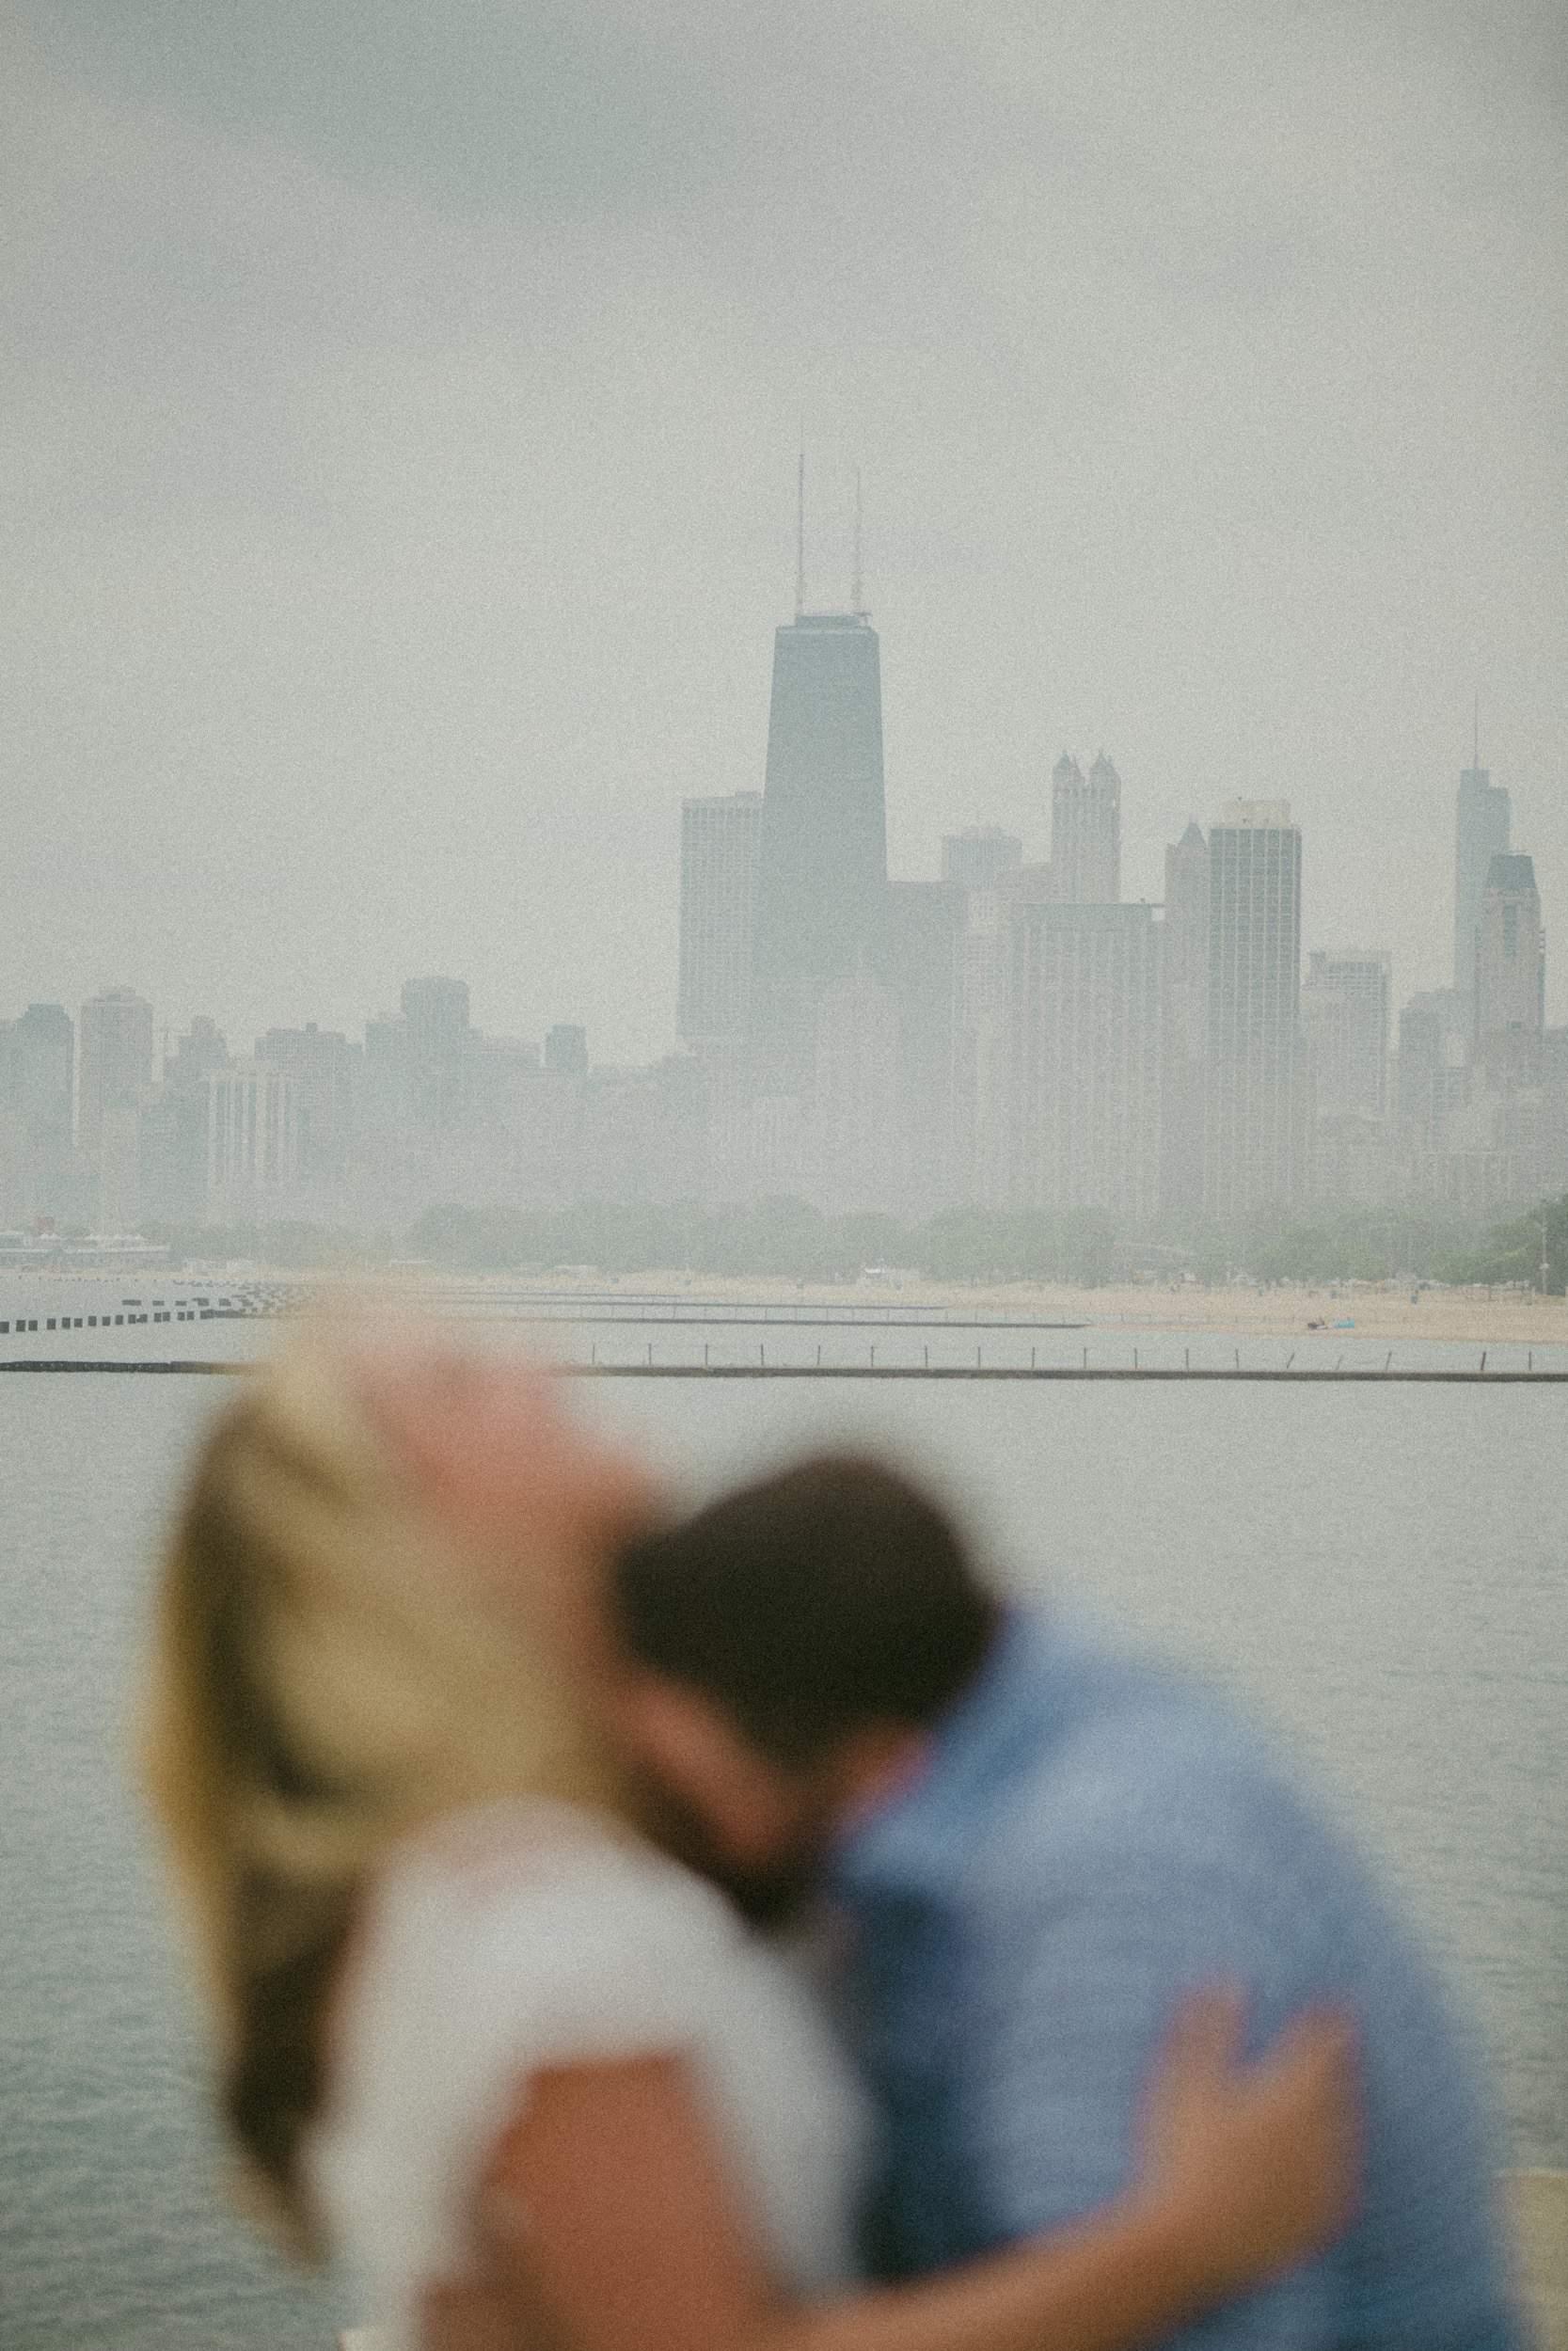 LeCapeWeddings_Chicago Engagement Photography (11 of 62).jpg